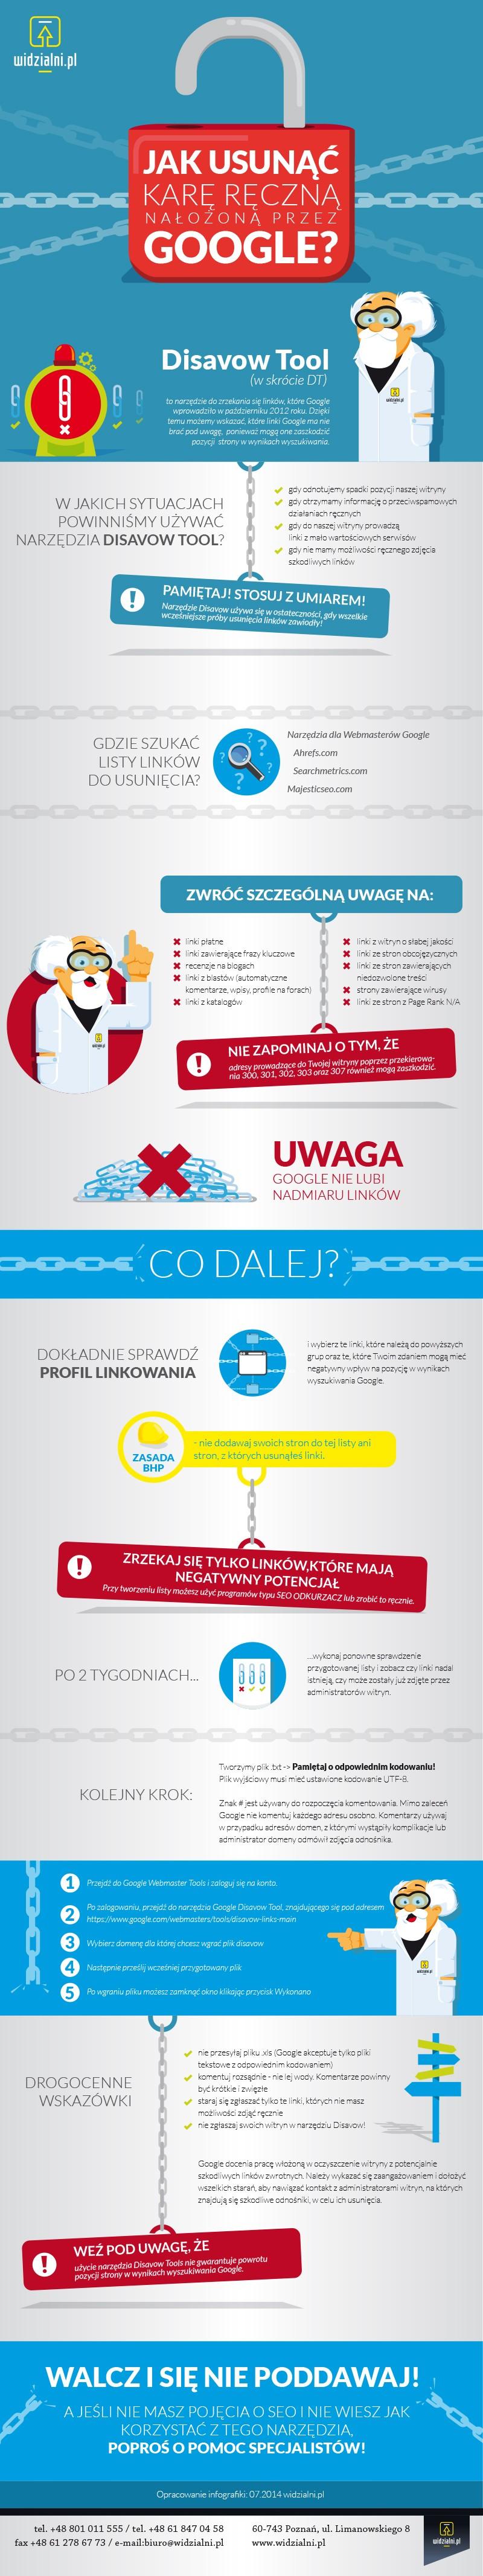 Jak usunąć karę ręczną? - infografika